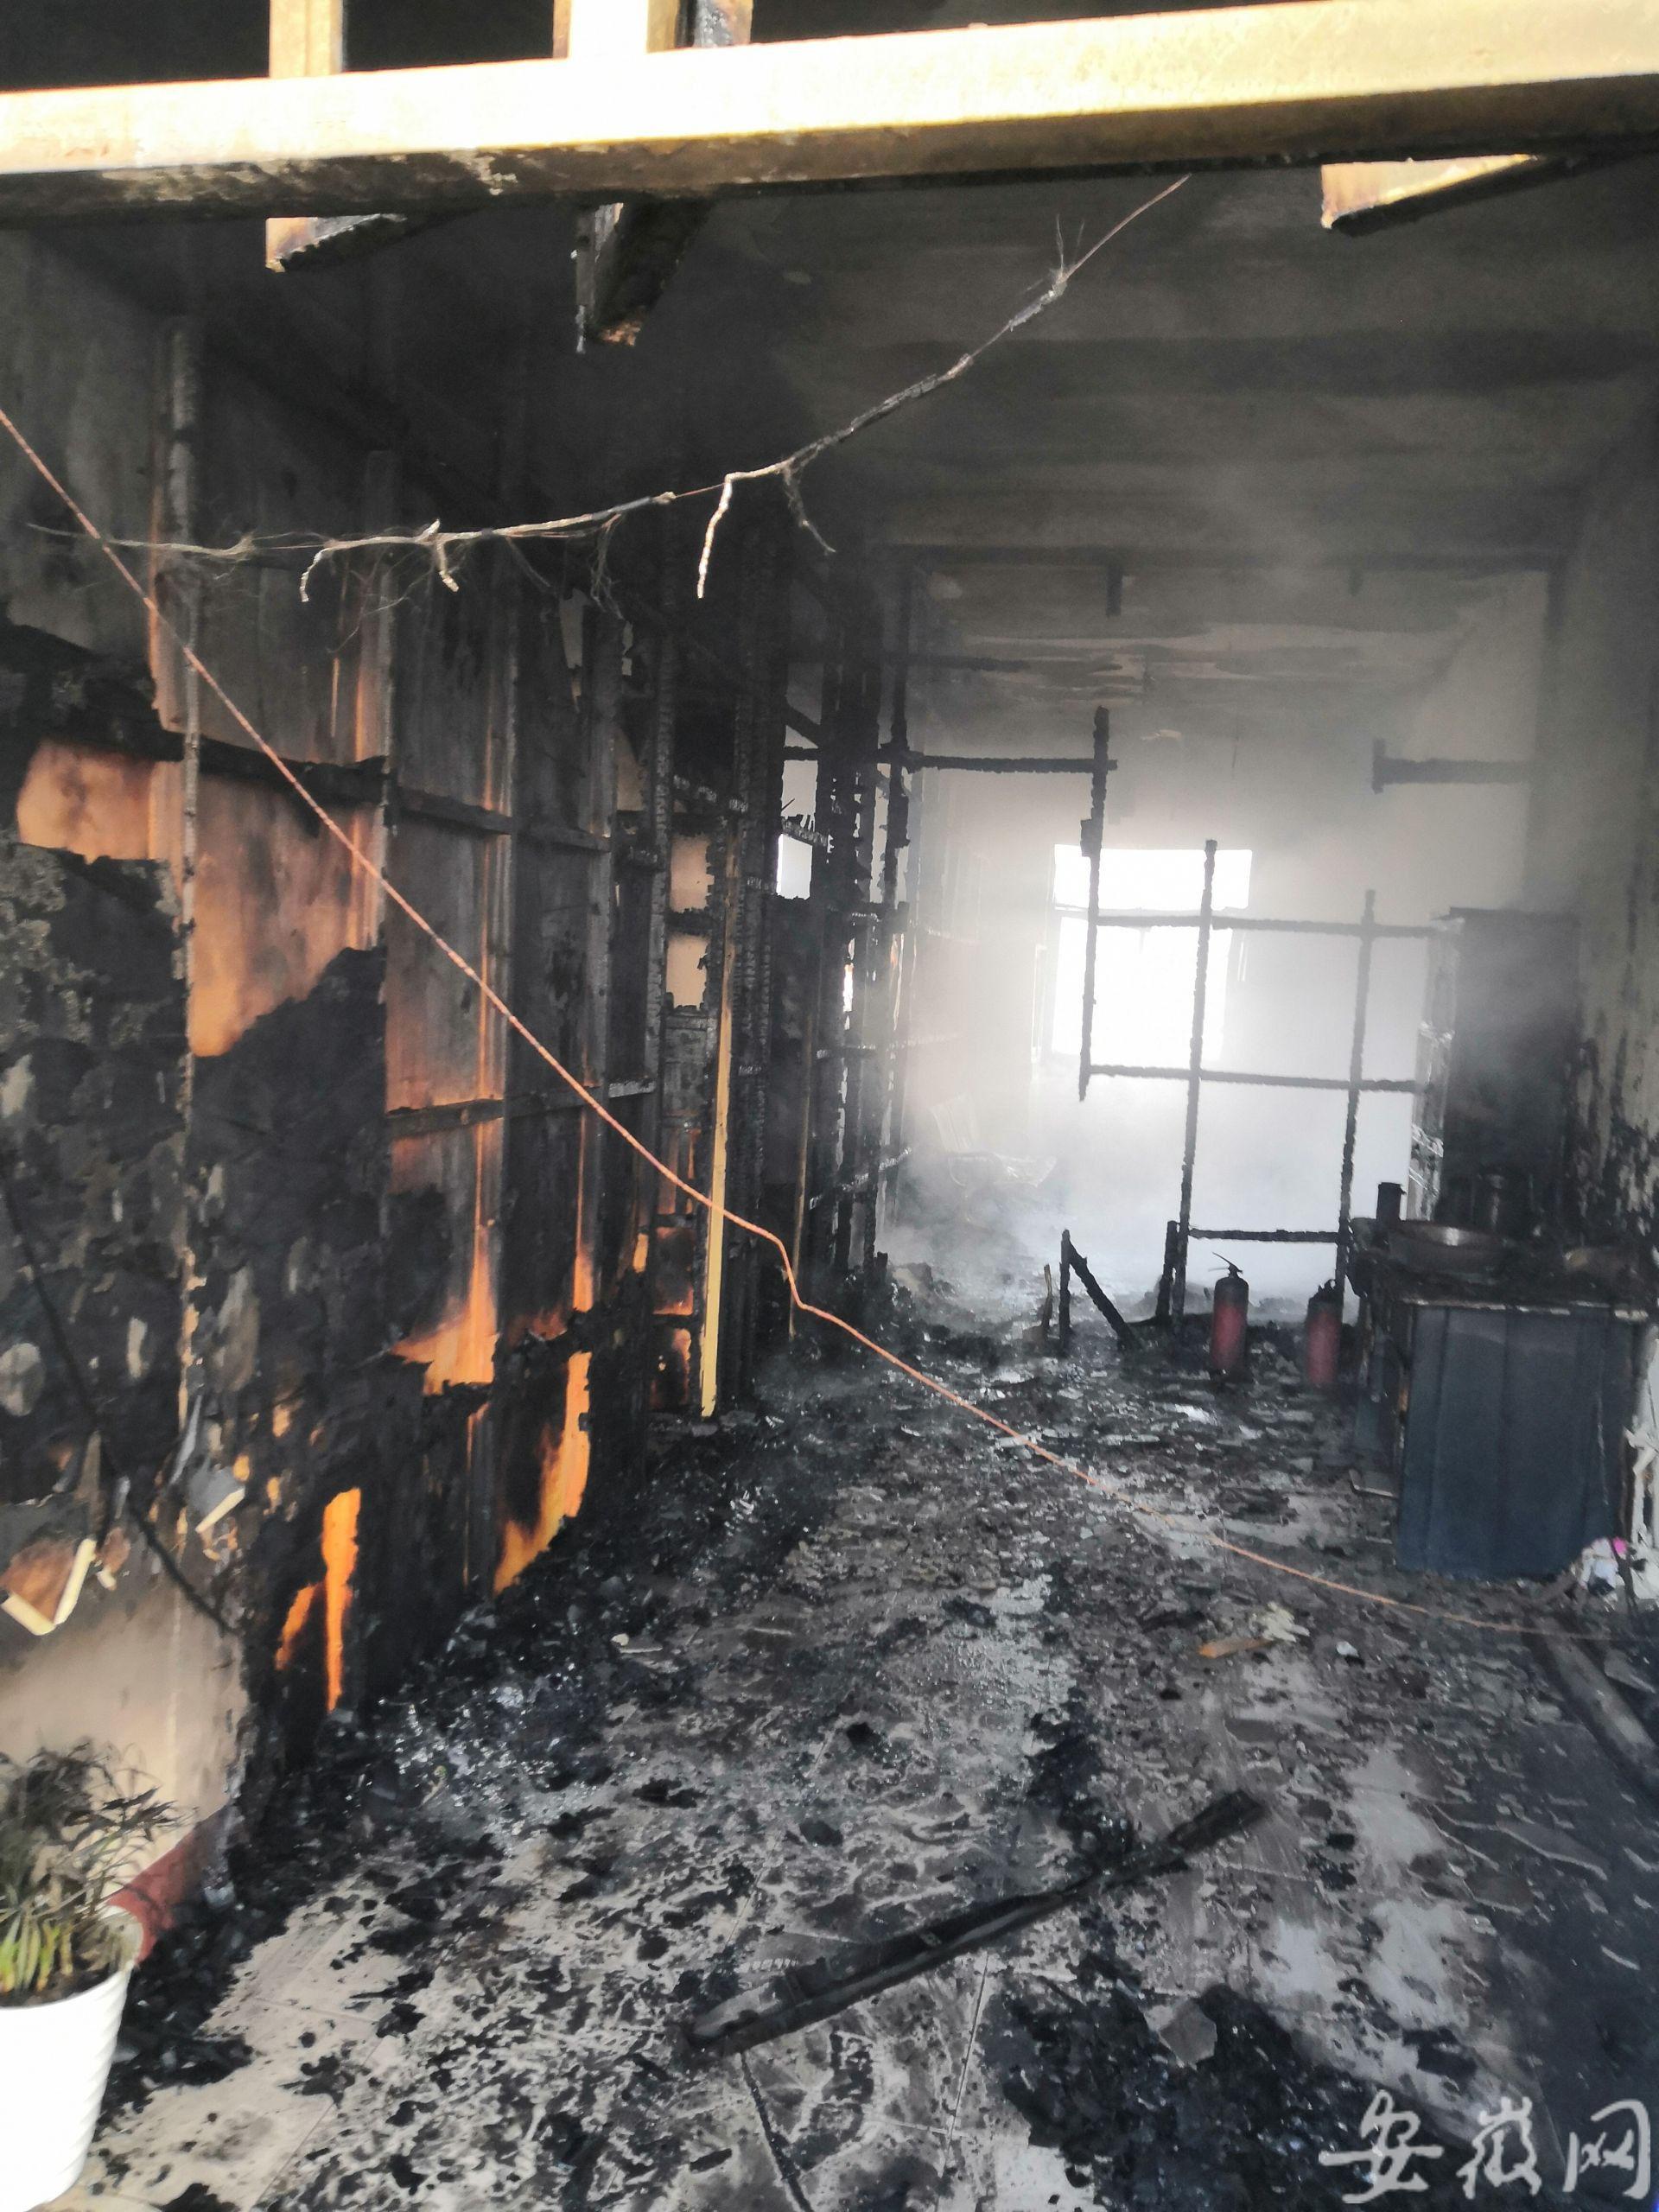 宣城一社区居委会办公室失火 现场烧毁较严重